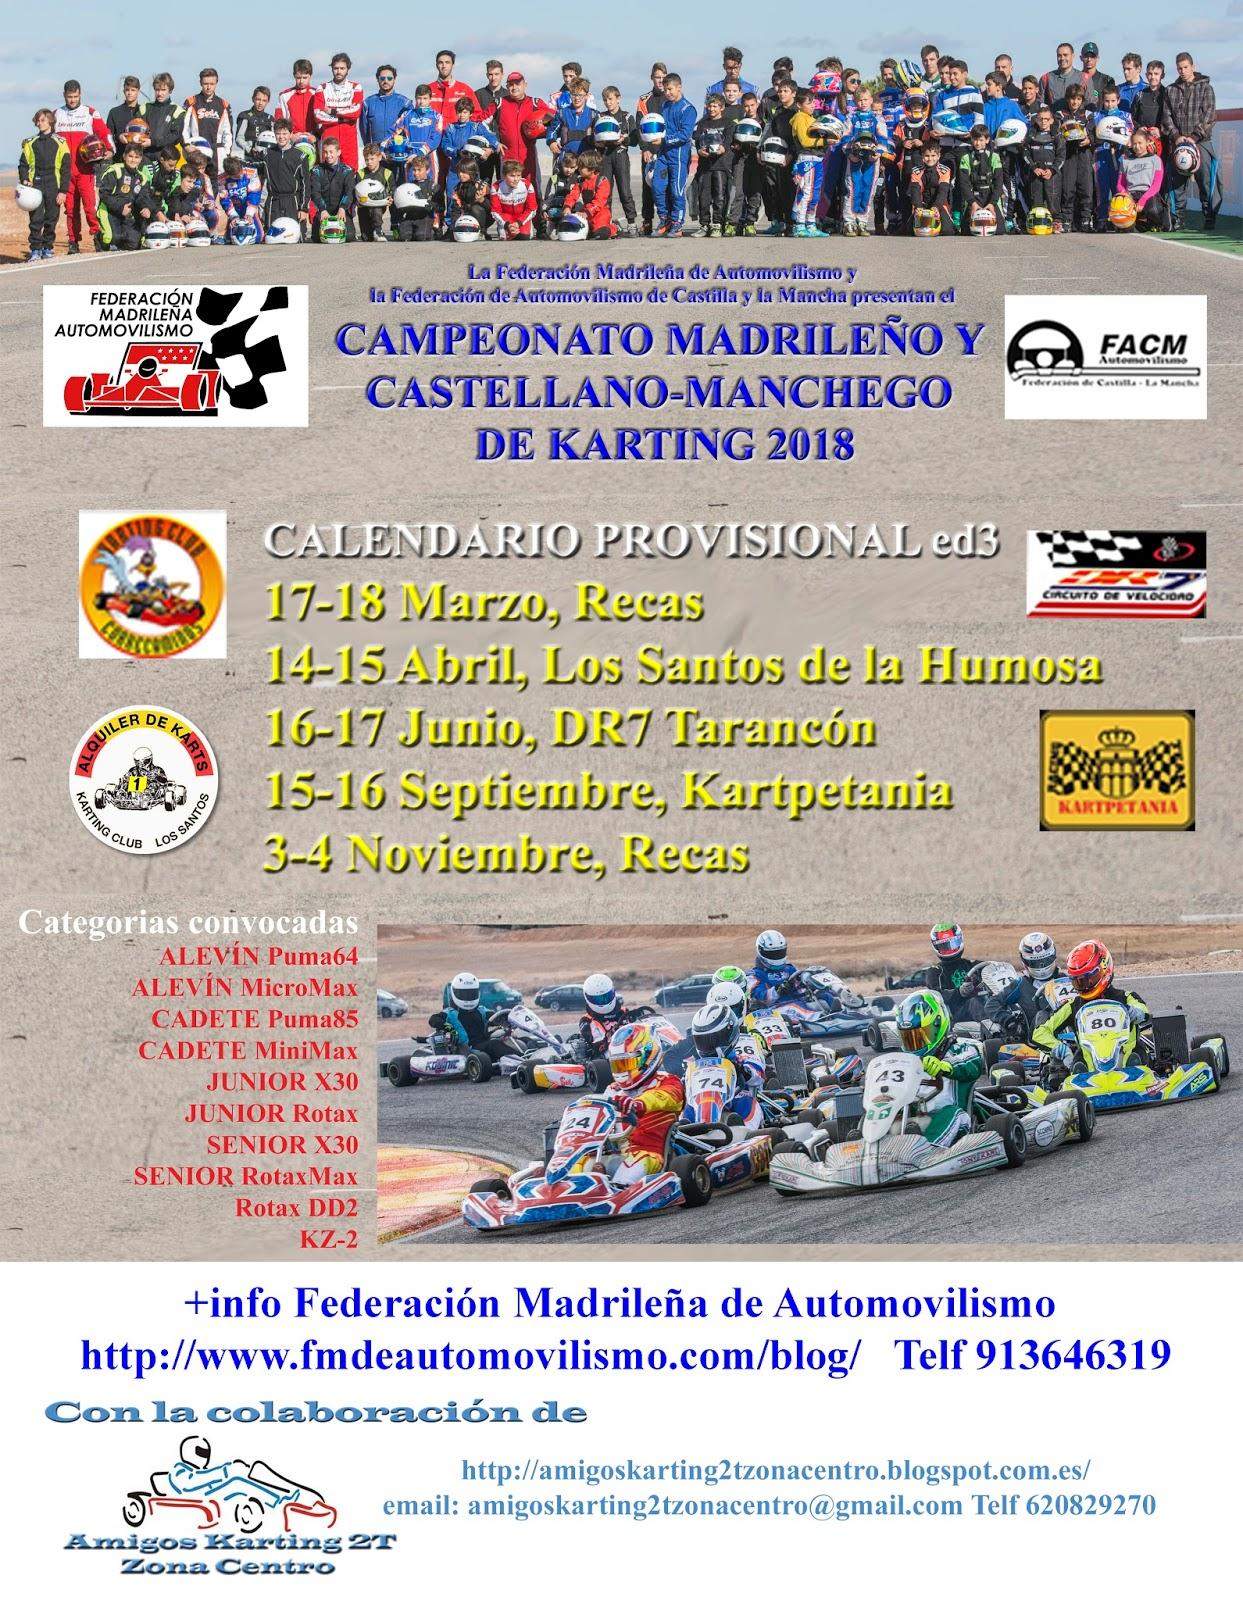 Circuito Karts Santos De La Humosa : Amigos del karting t zona centro noviembre